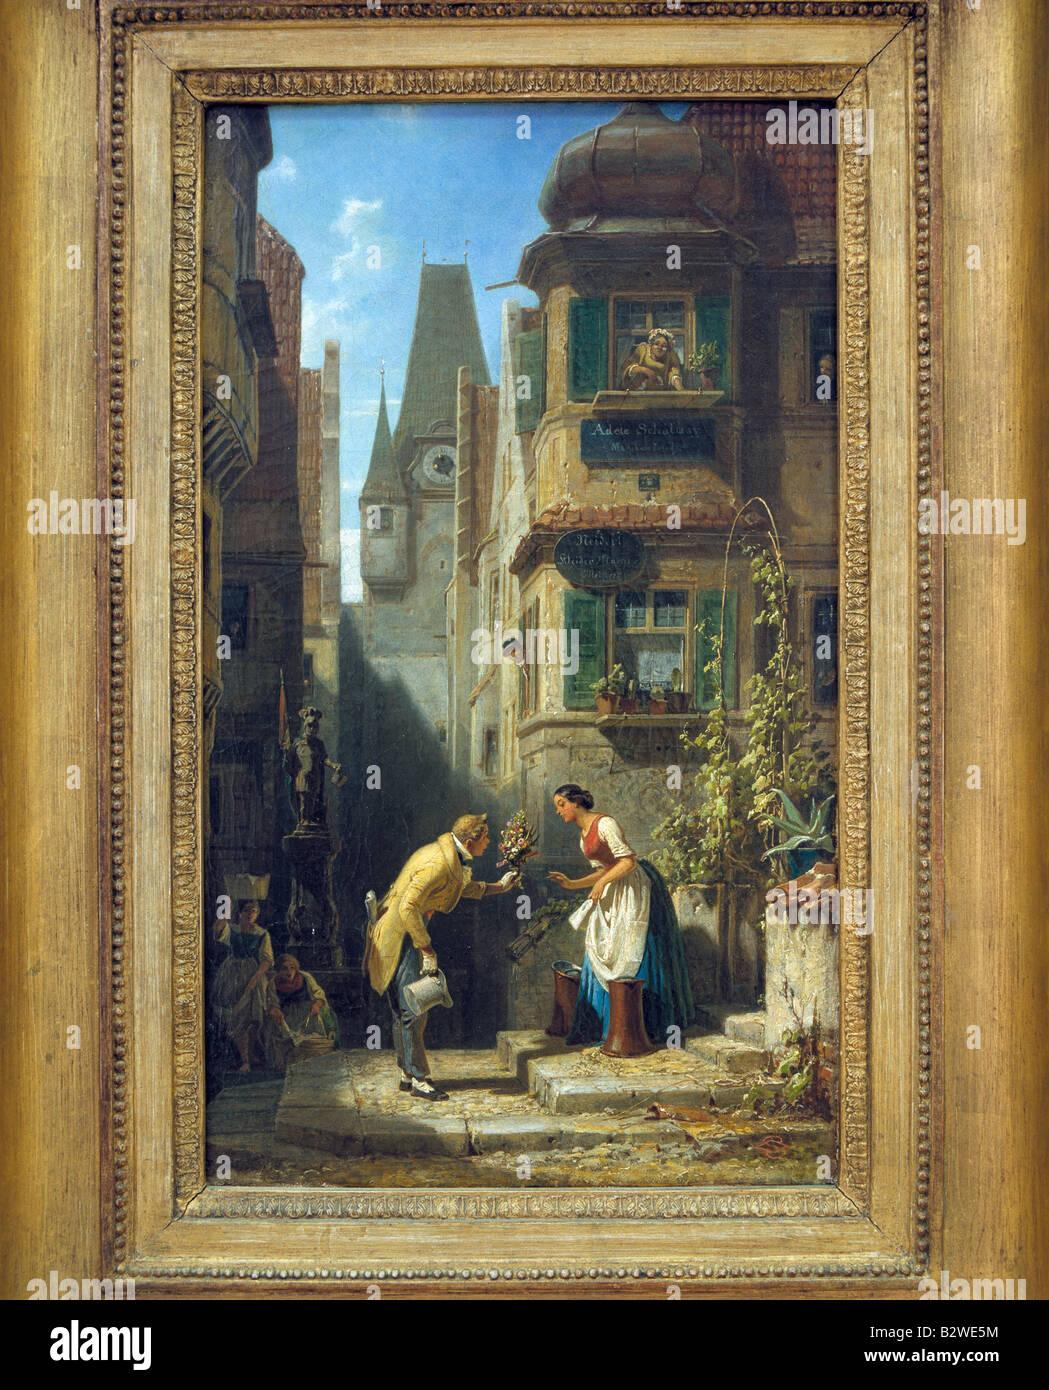 Ausstellung im Museum Folkwang, Gemaelde 'Der ewige Hochzeiter', gemalt 1840 bis 1850 von Carl Spitzweg, - Stock Image